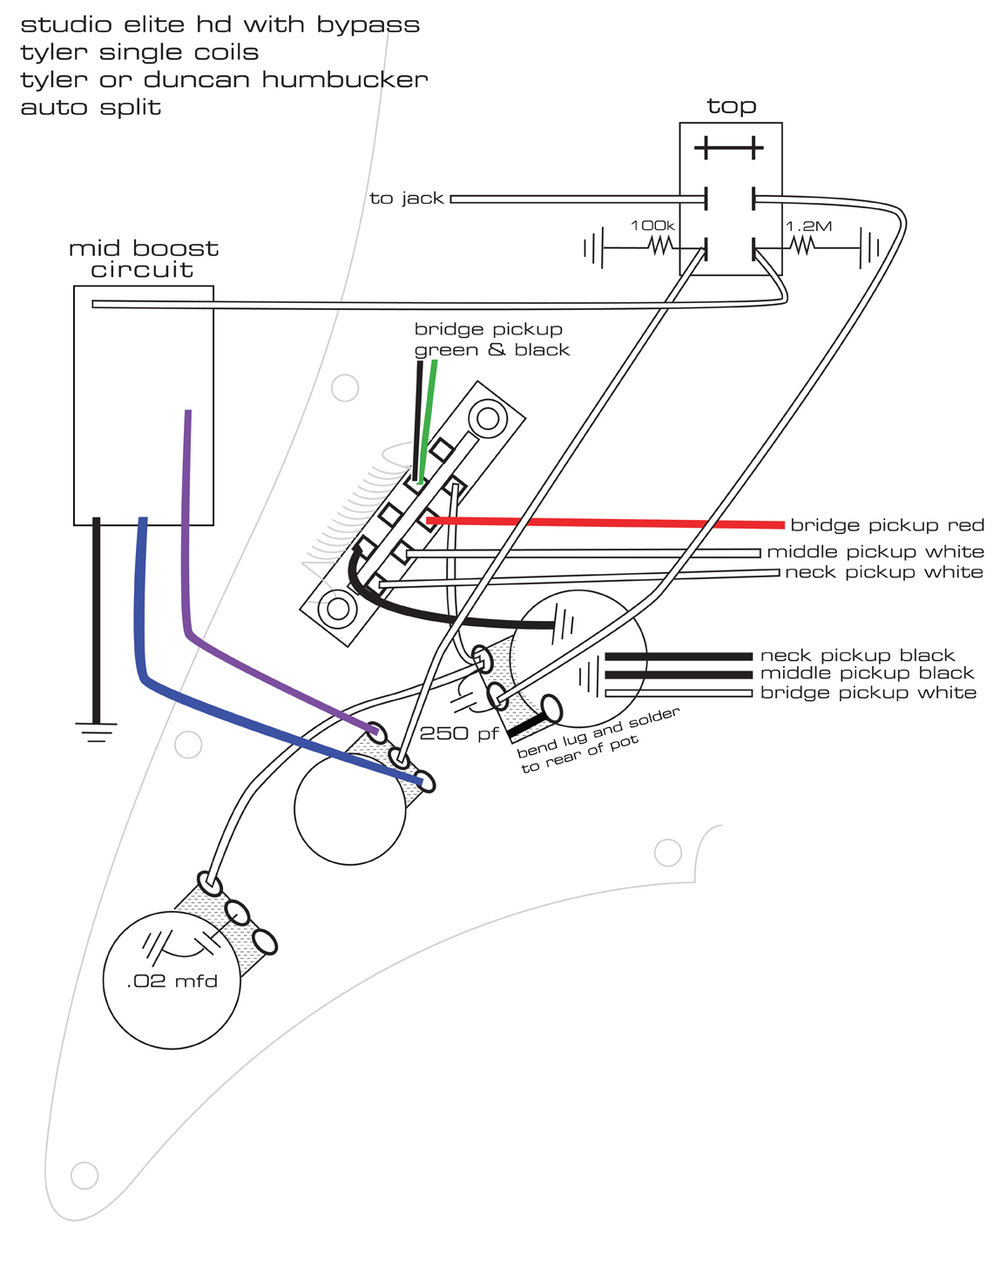 SSH autosplit w/bypass